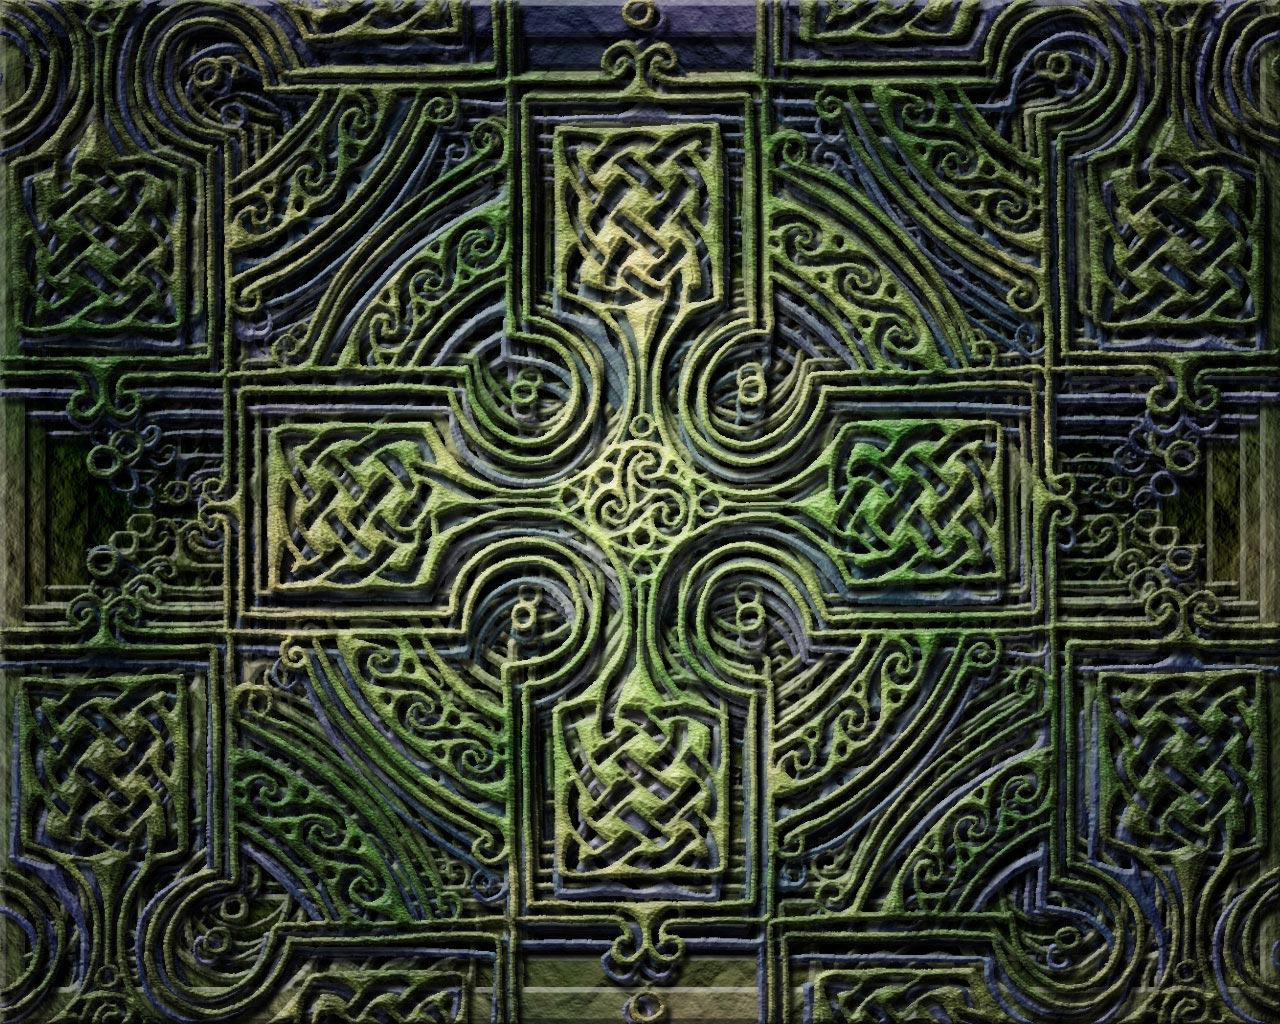 Celtic Cross Wallpaper by jen-jamieson on DeviantArt